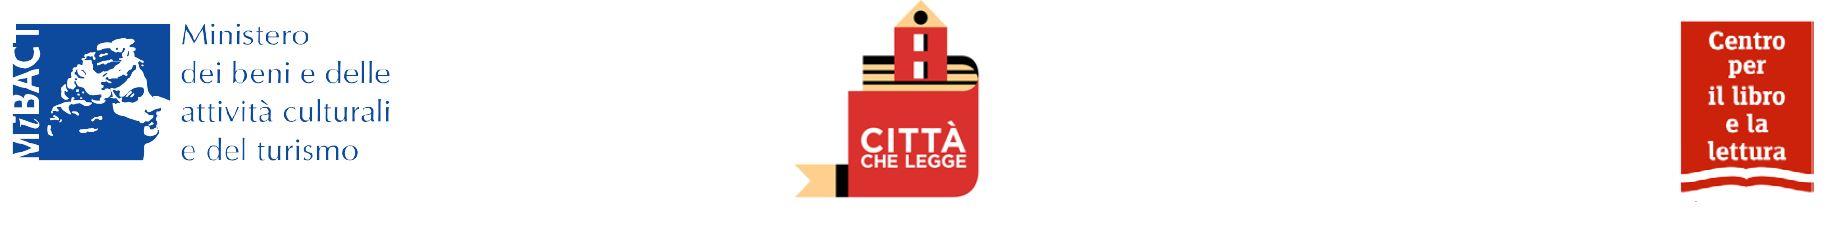 """Qualifica """"Città che legge"""" biennio 2018 - 2019"""